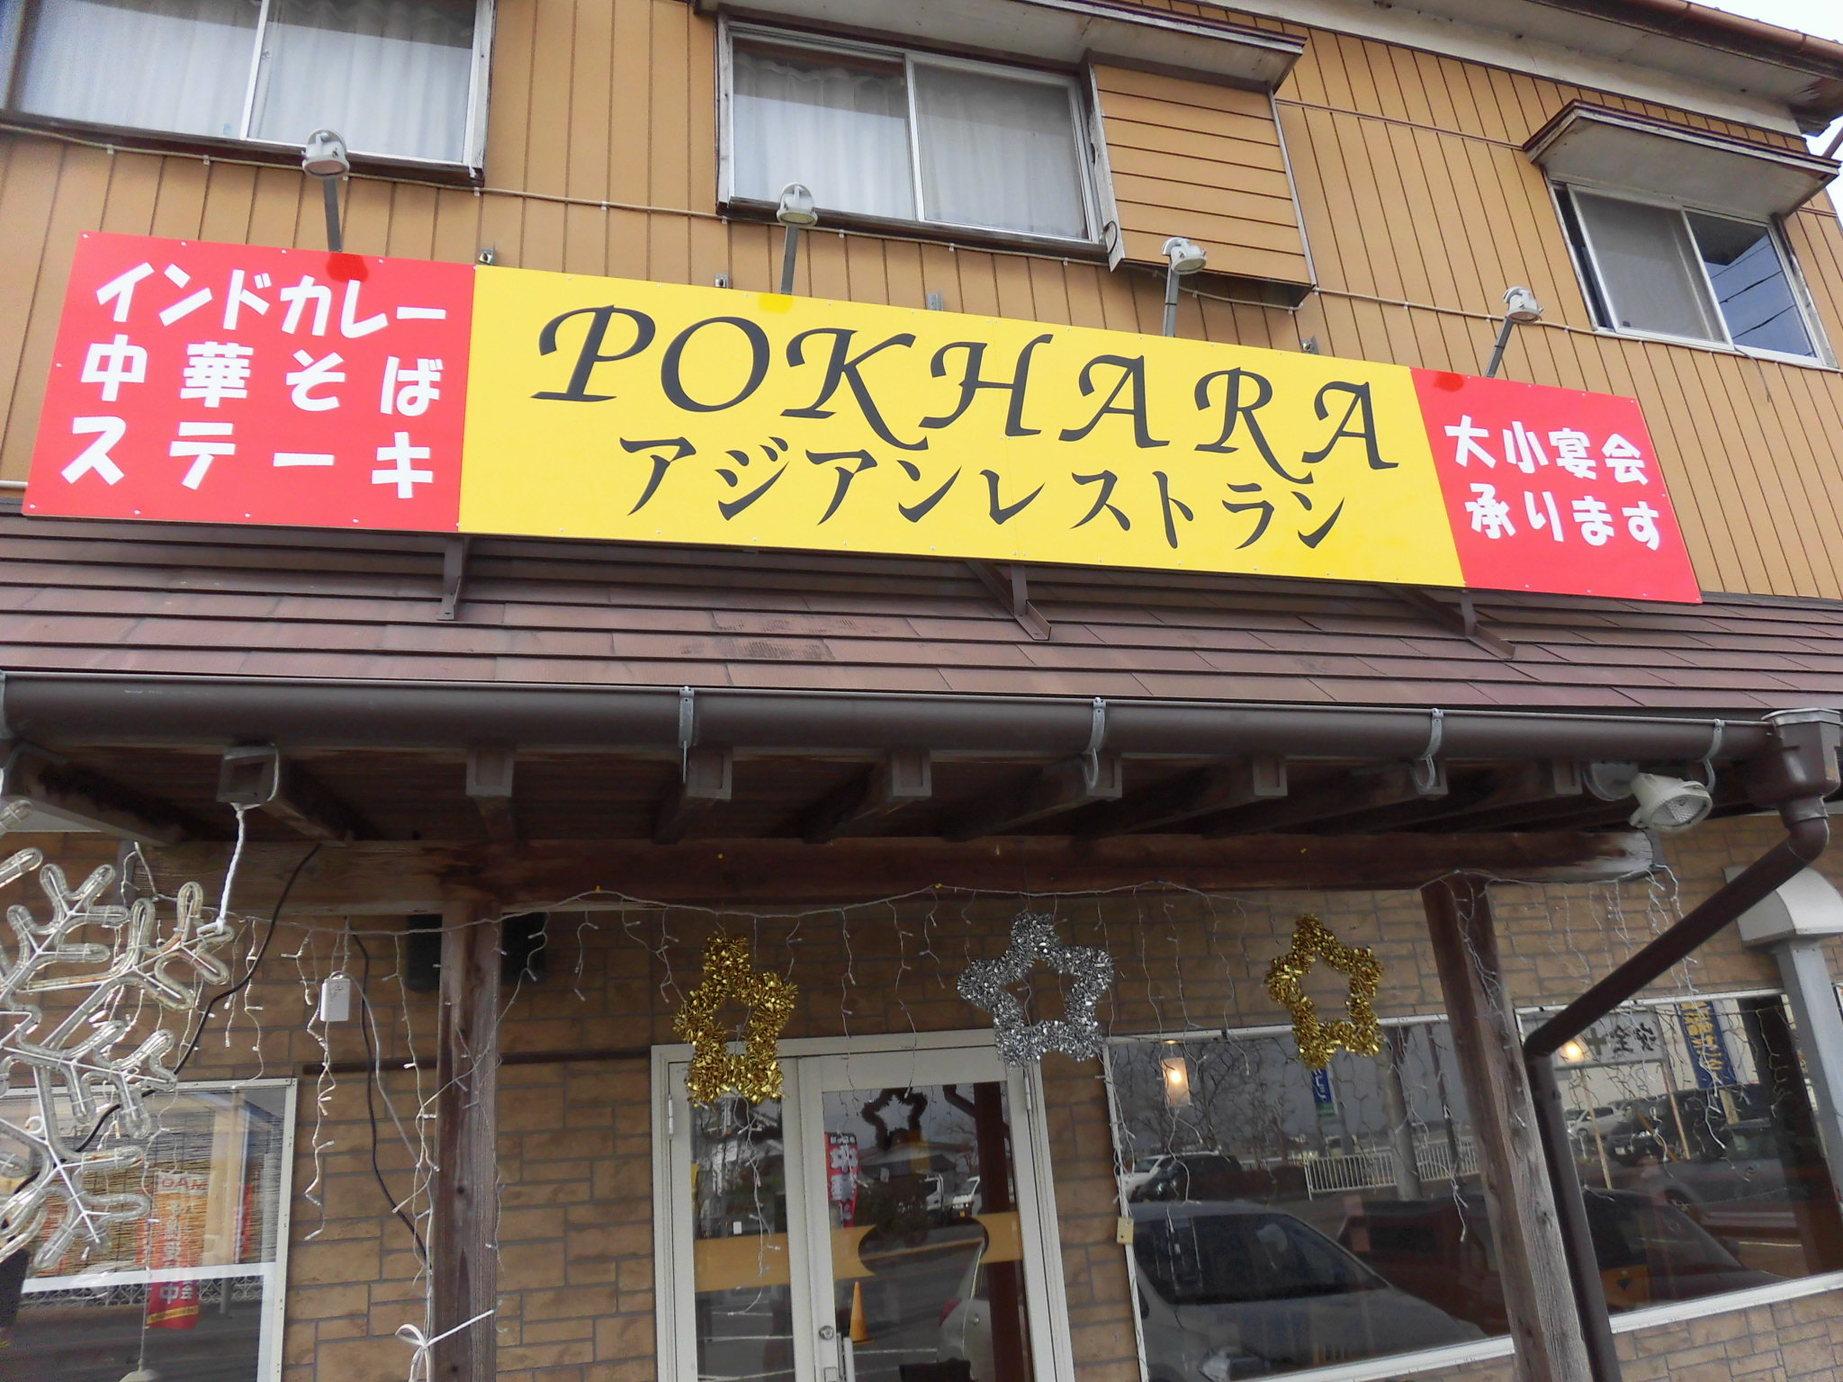 アジアンレストラン ポカラ